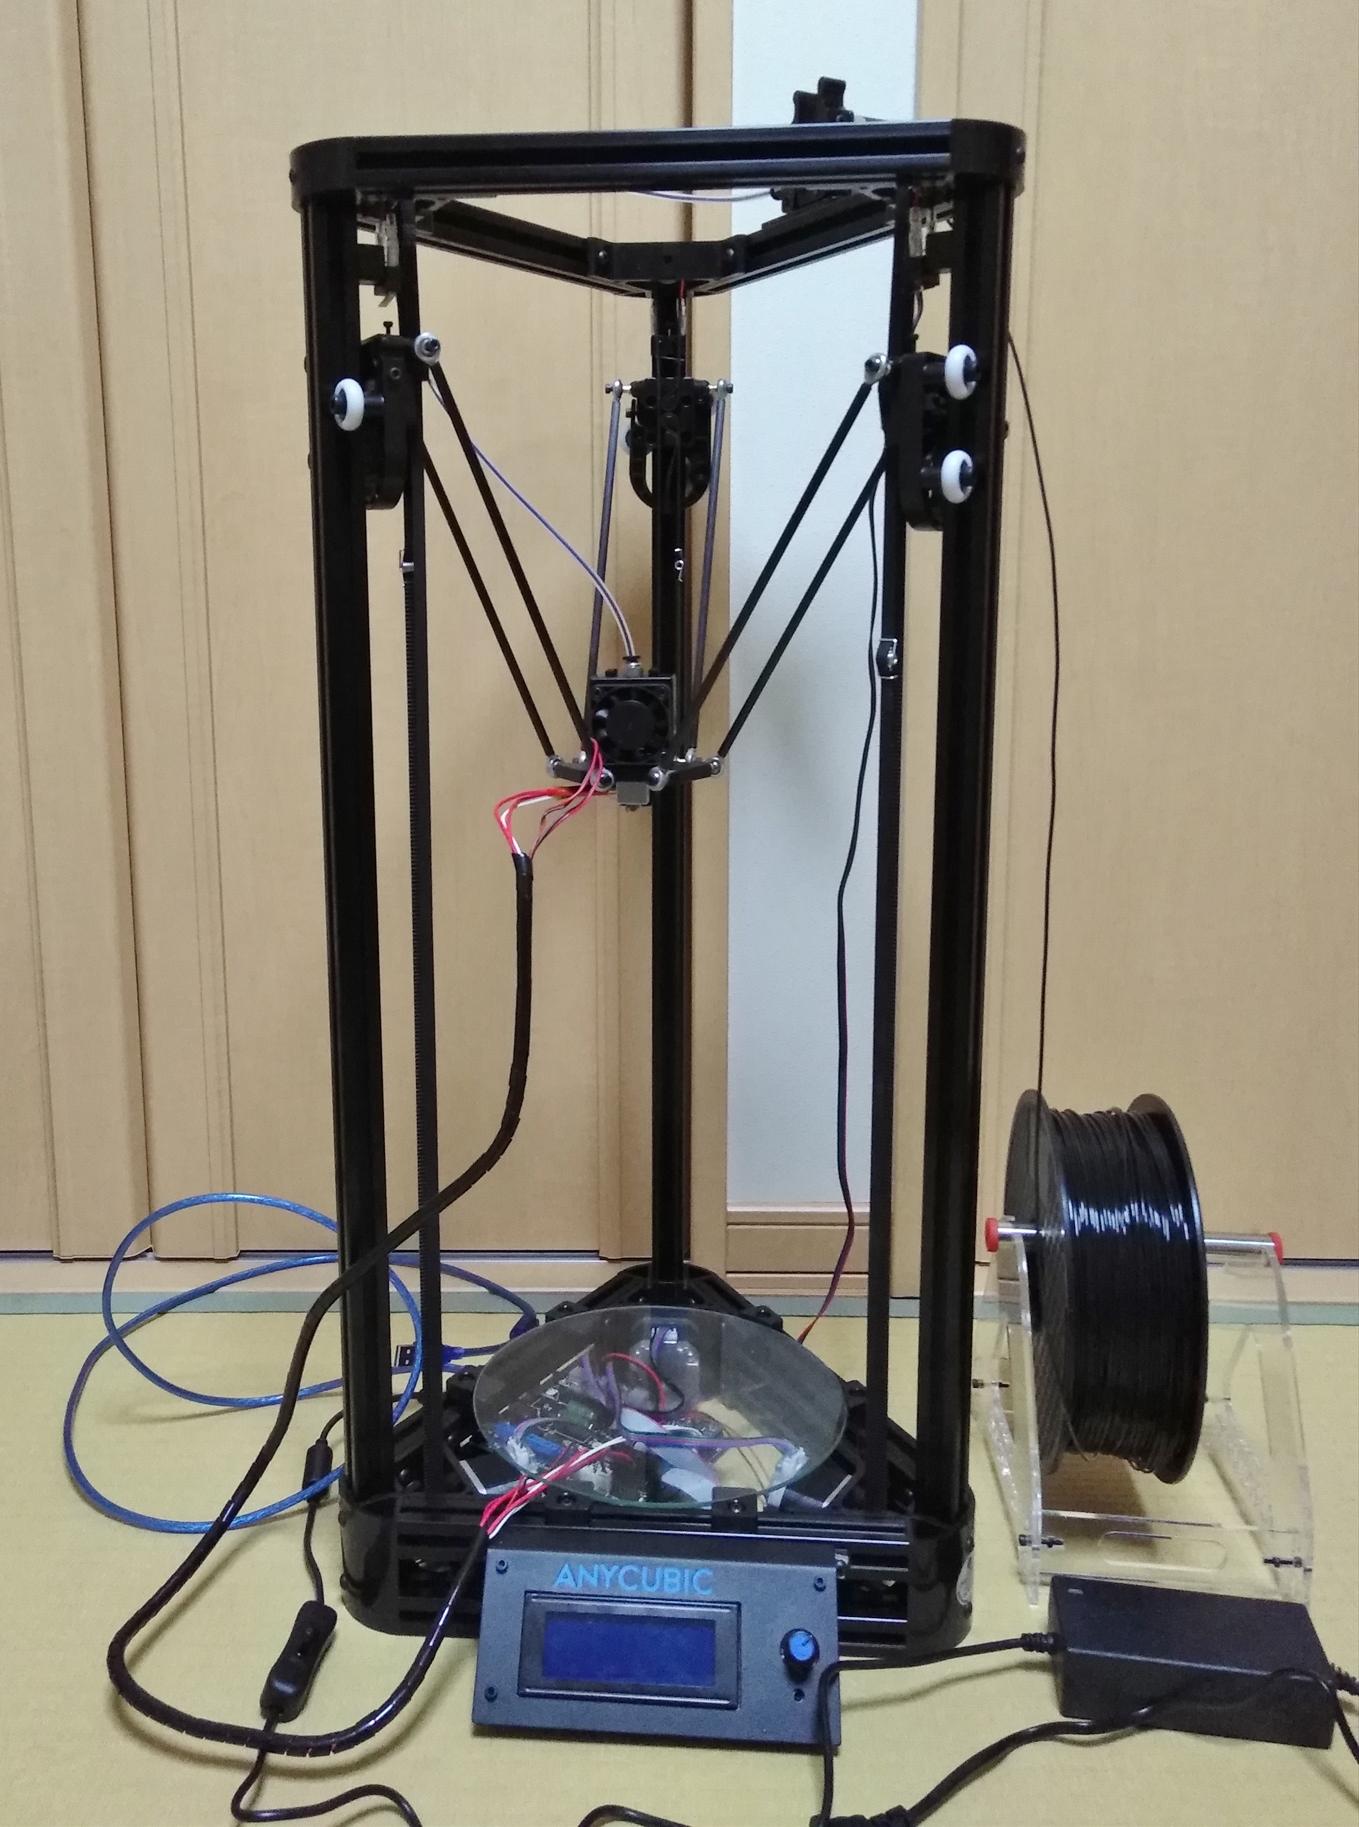 デルタ型3Dプリンター 「Anycubic Kossel」のレビュー(テストプリント編)